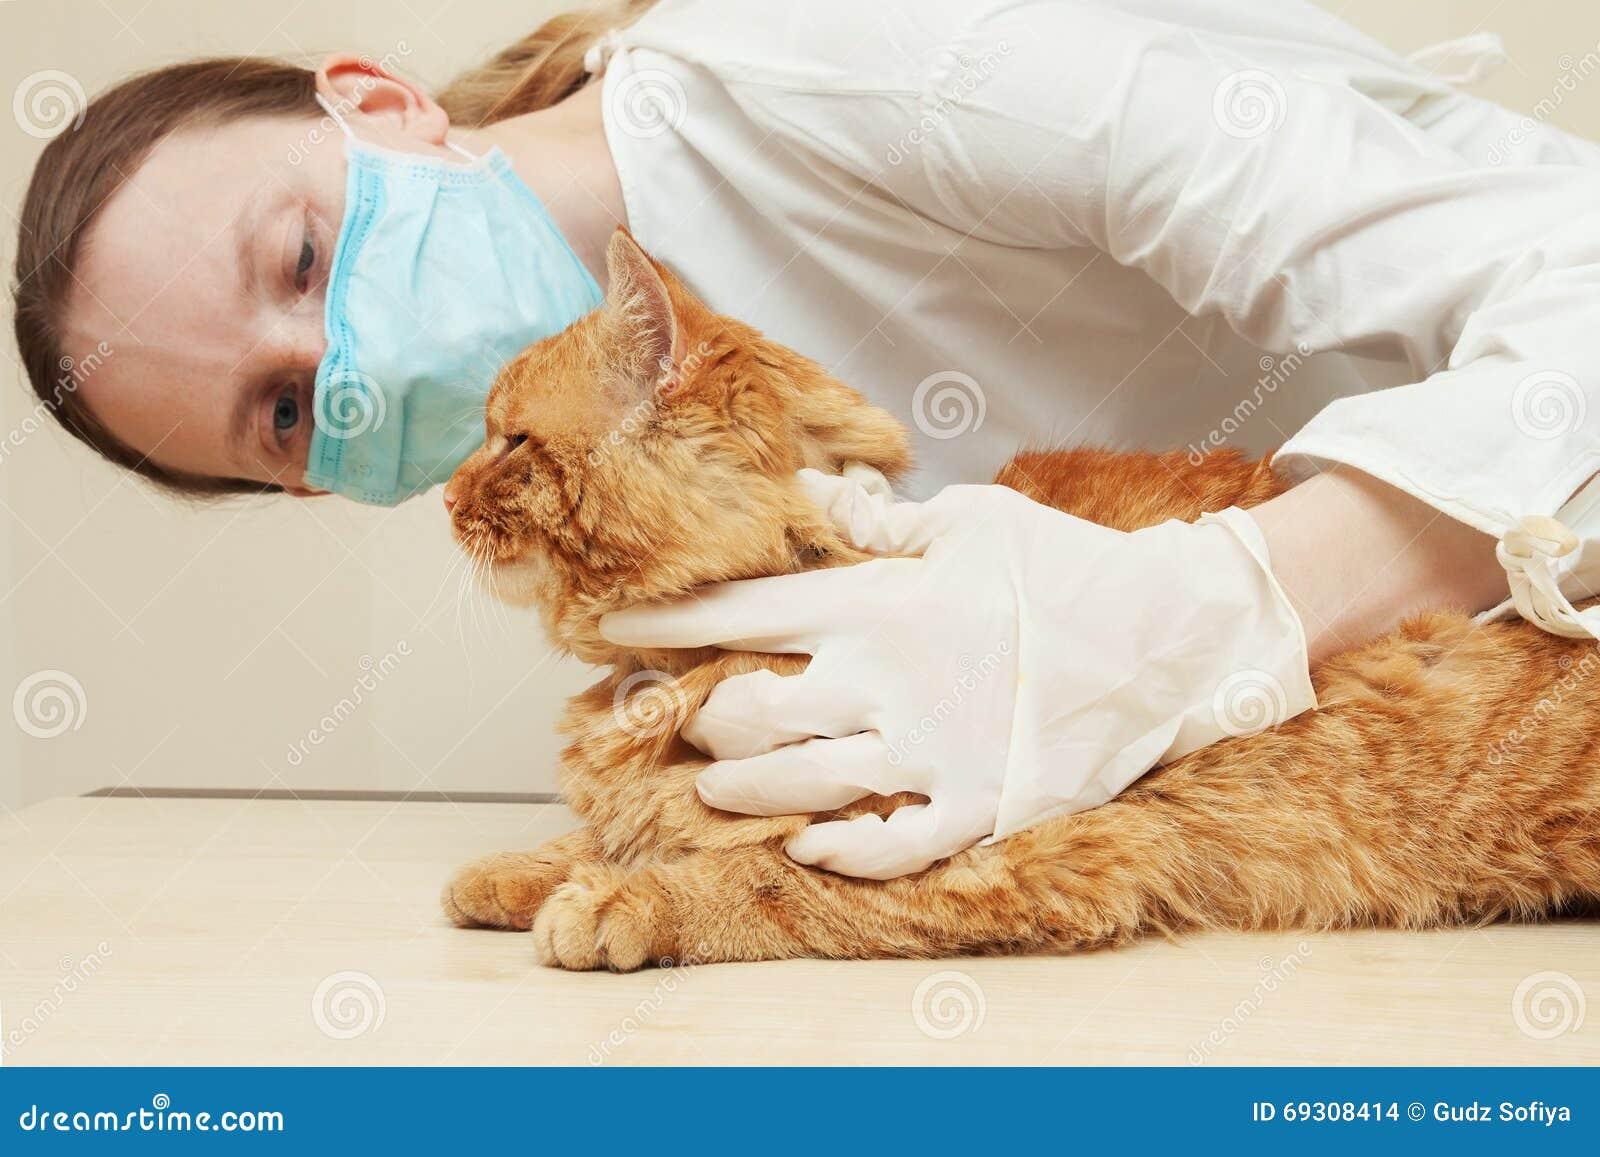 Κτηνίατρος που εξετάζει τα δόντια μιας κόκκινης γάτας κάνοντας την εξέταση  Στοκ Εικόνες - εικόνα από lifestyle, following: 69308414